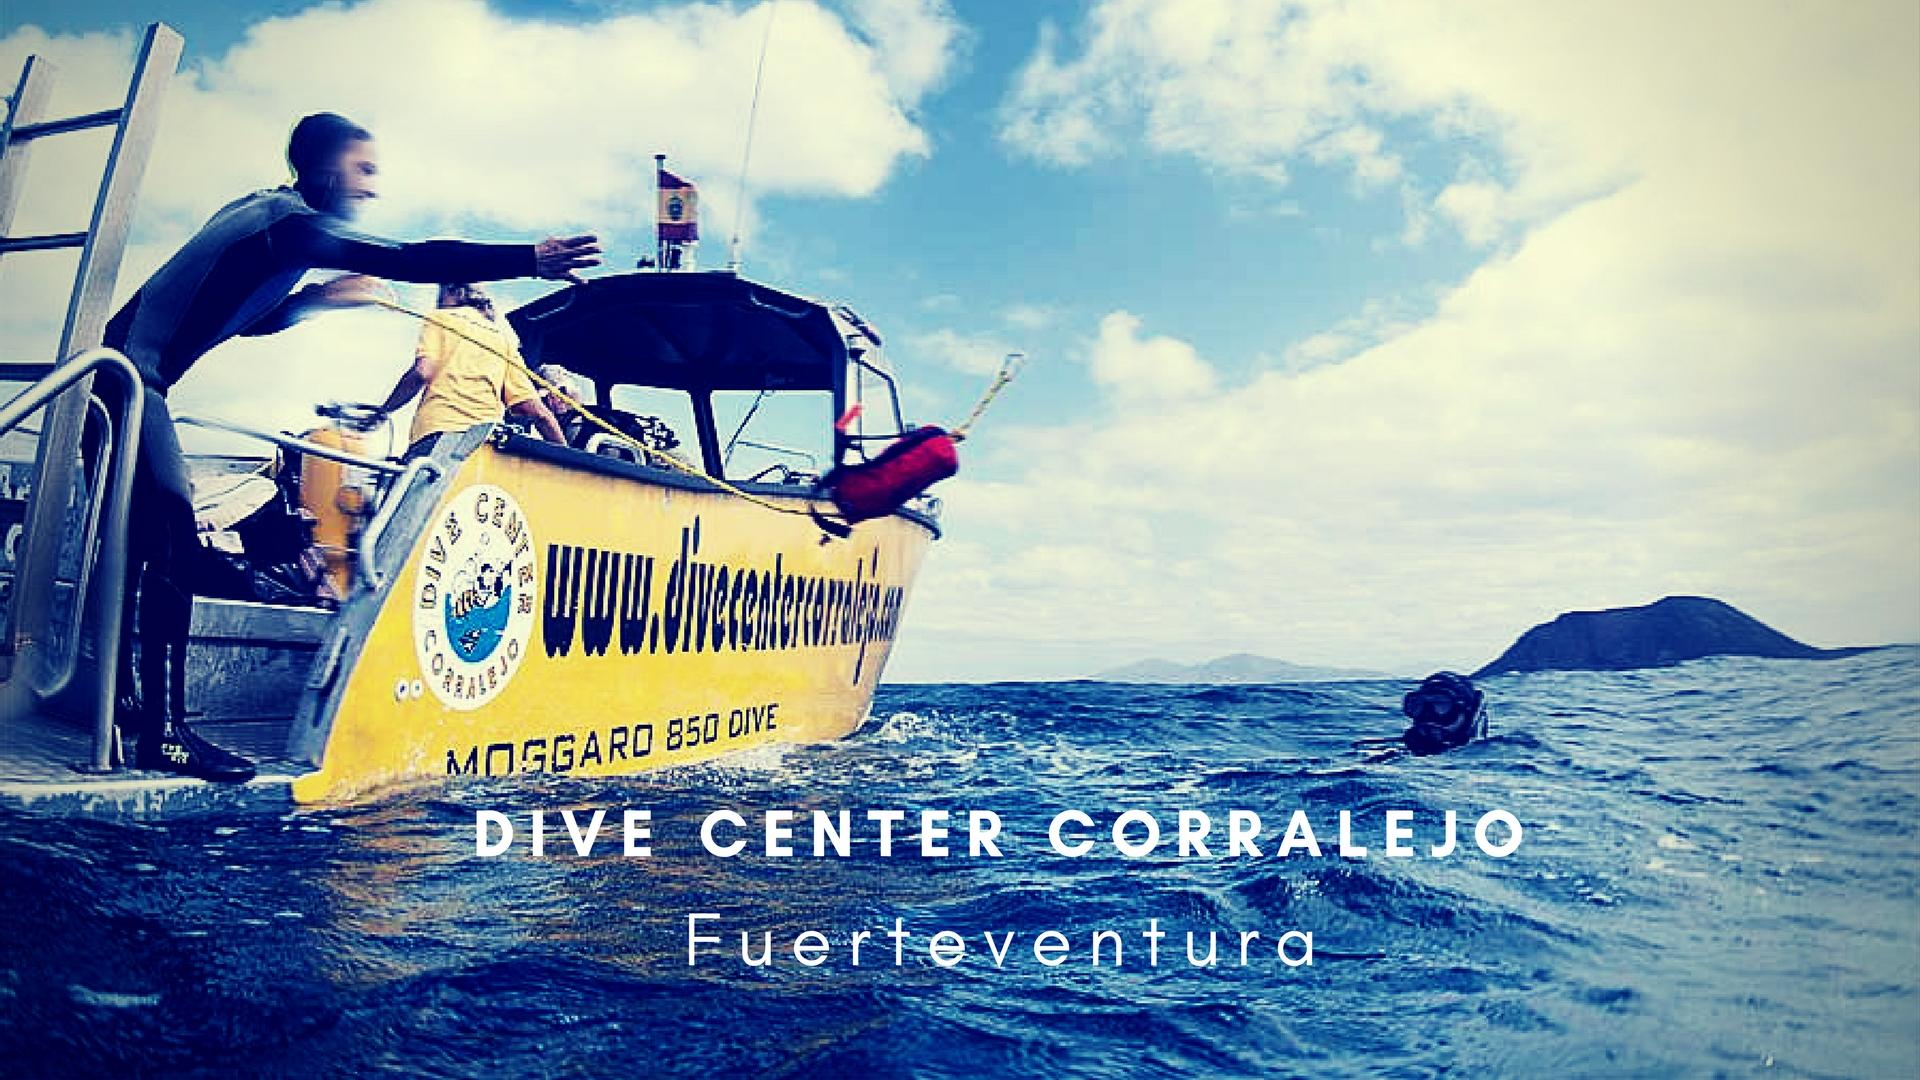 Dive Center Corralejo